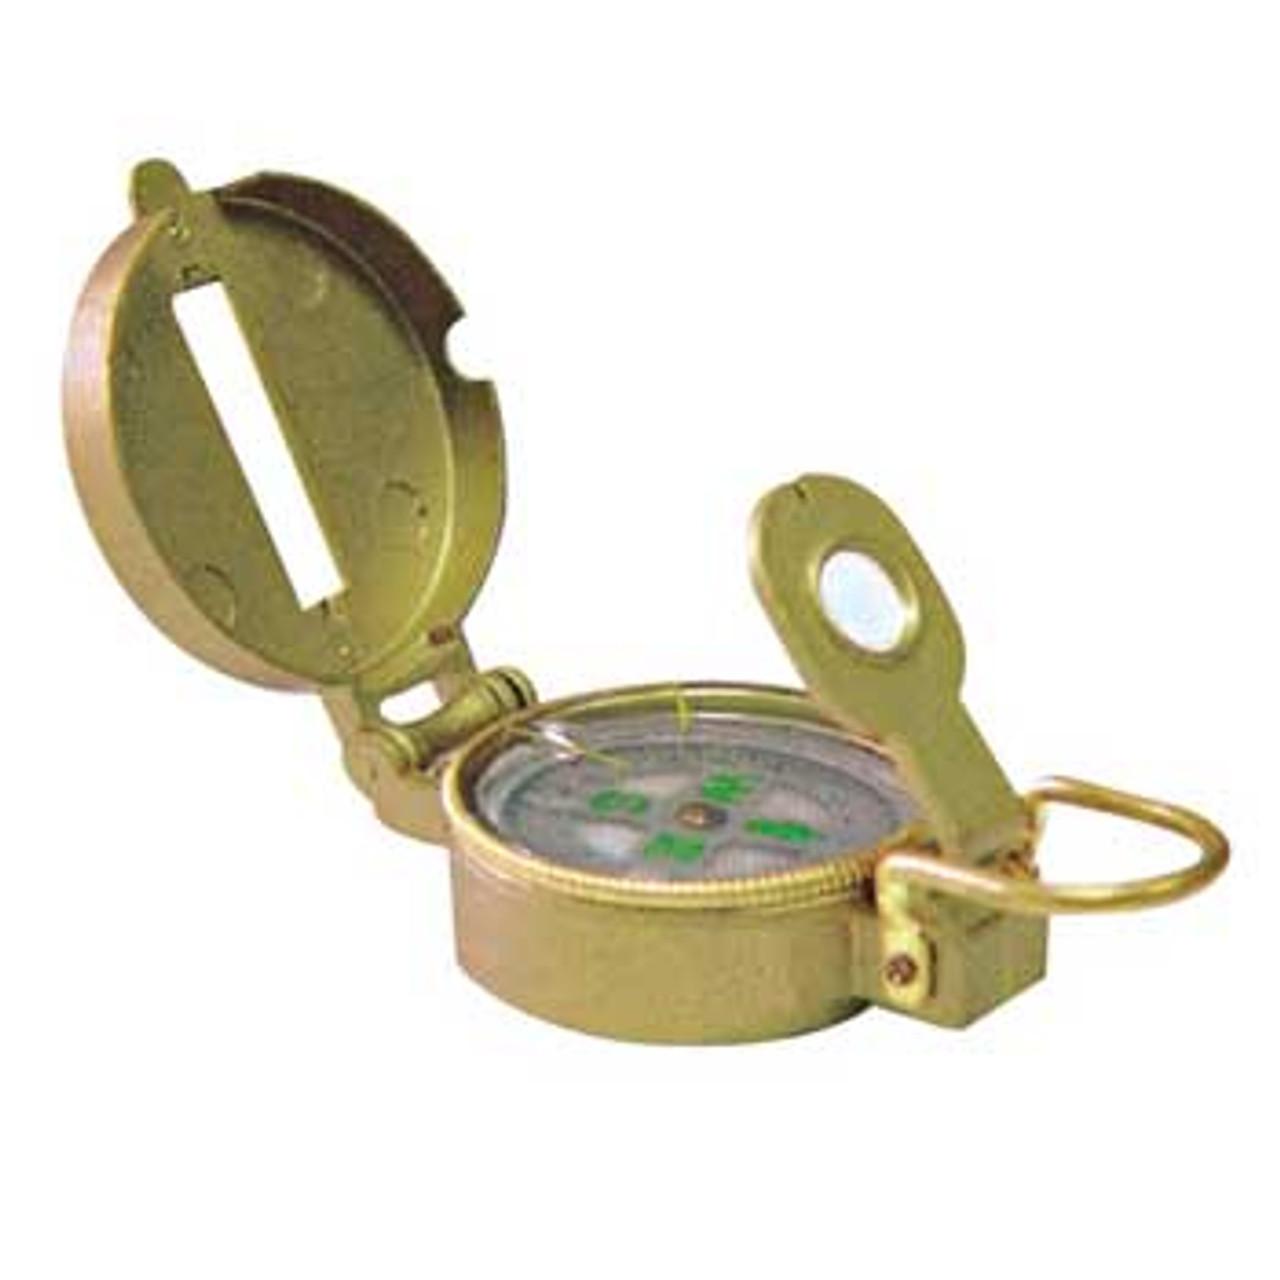 Engineering Lensatic Compass, Metal Case